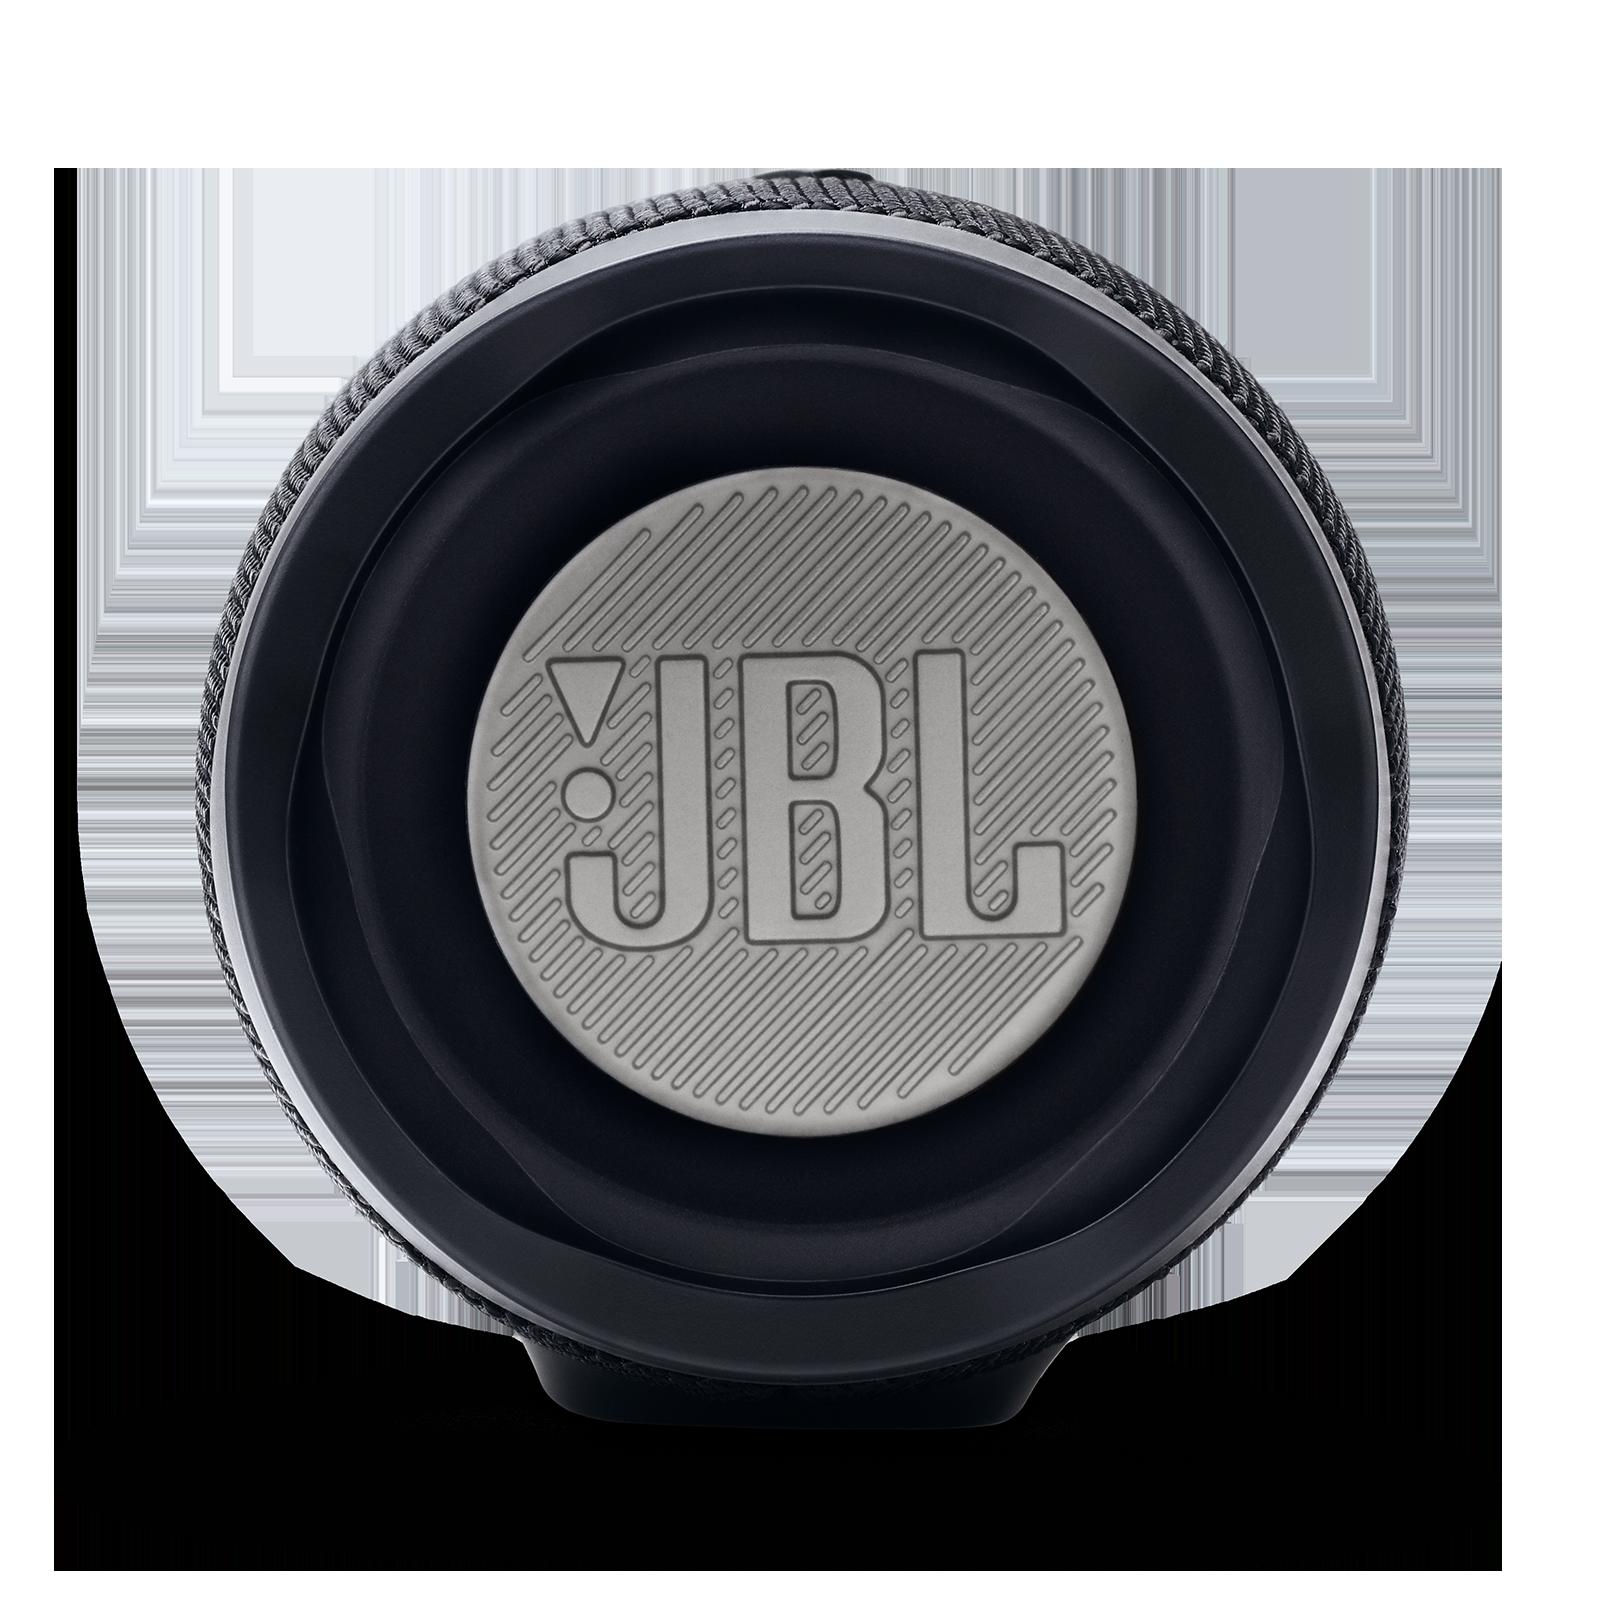 JBL Charge 4 - Black - Portable Bluetooth speaker - Detailshot 2